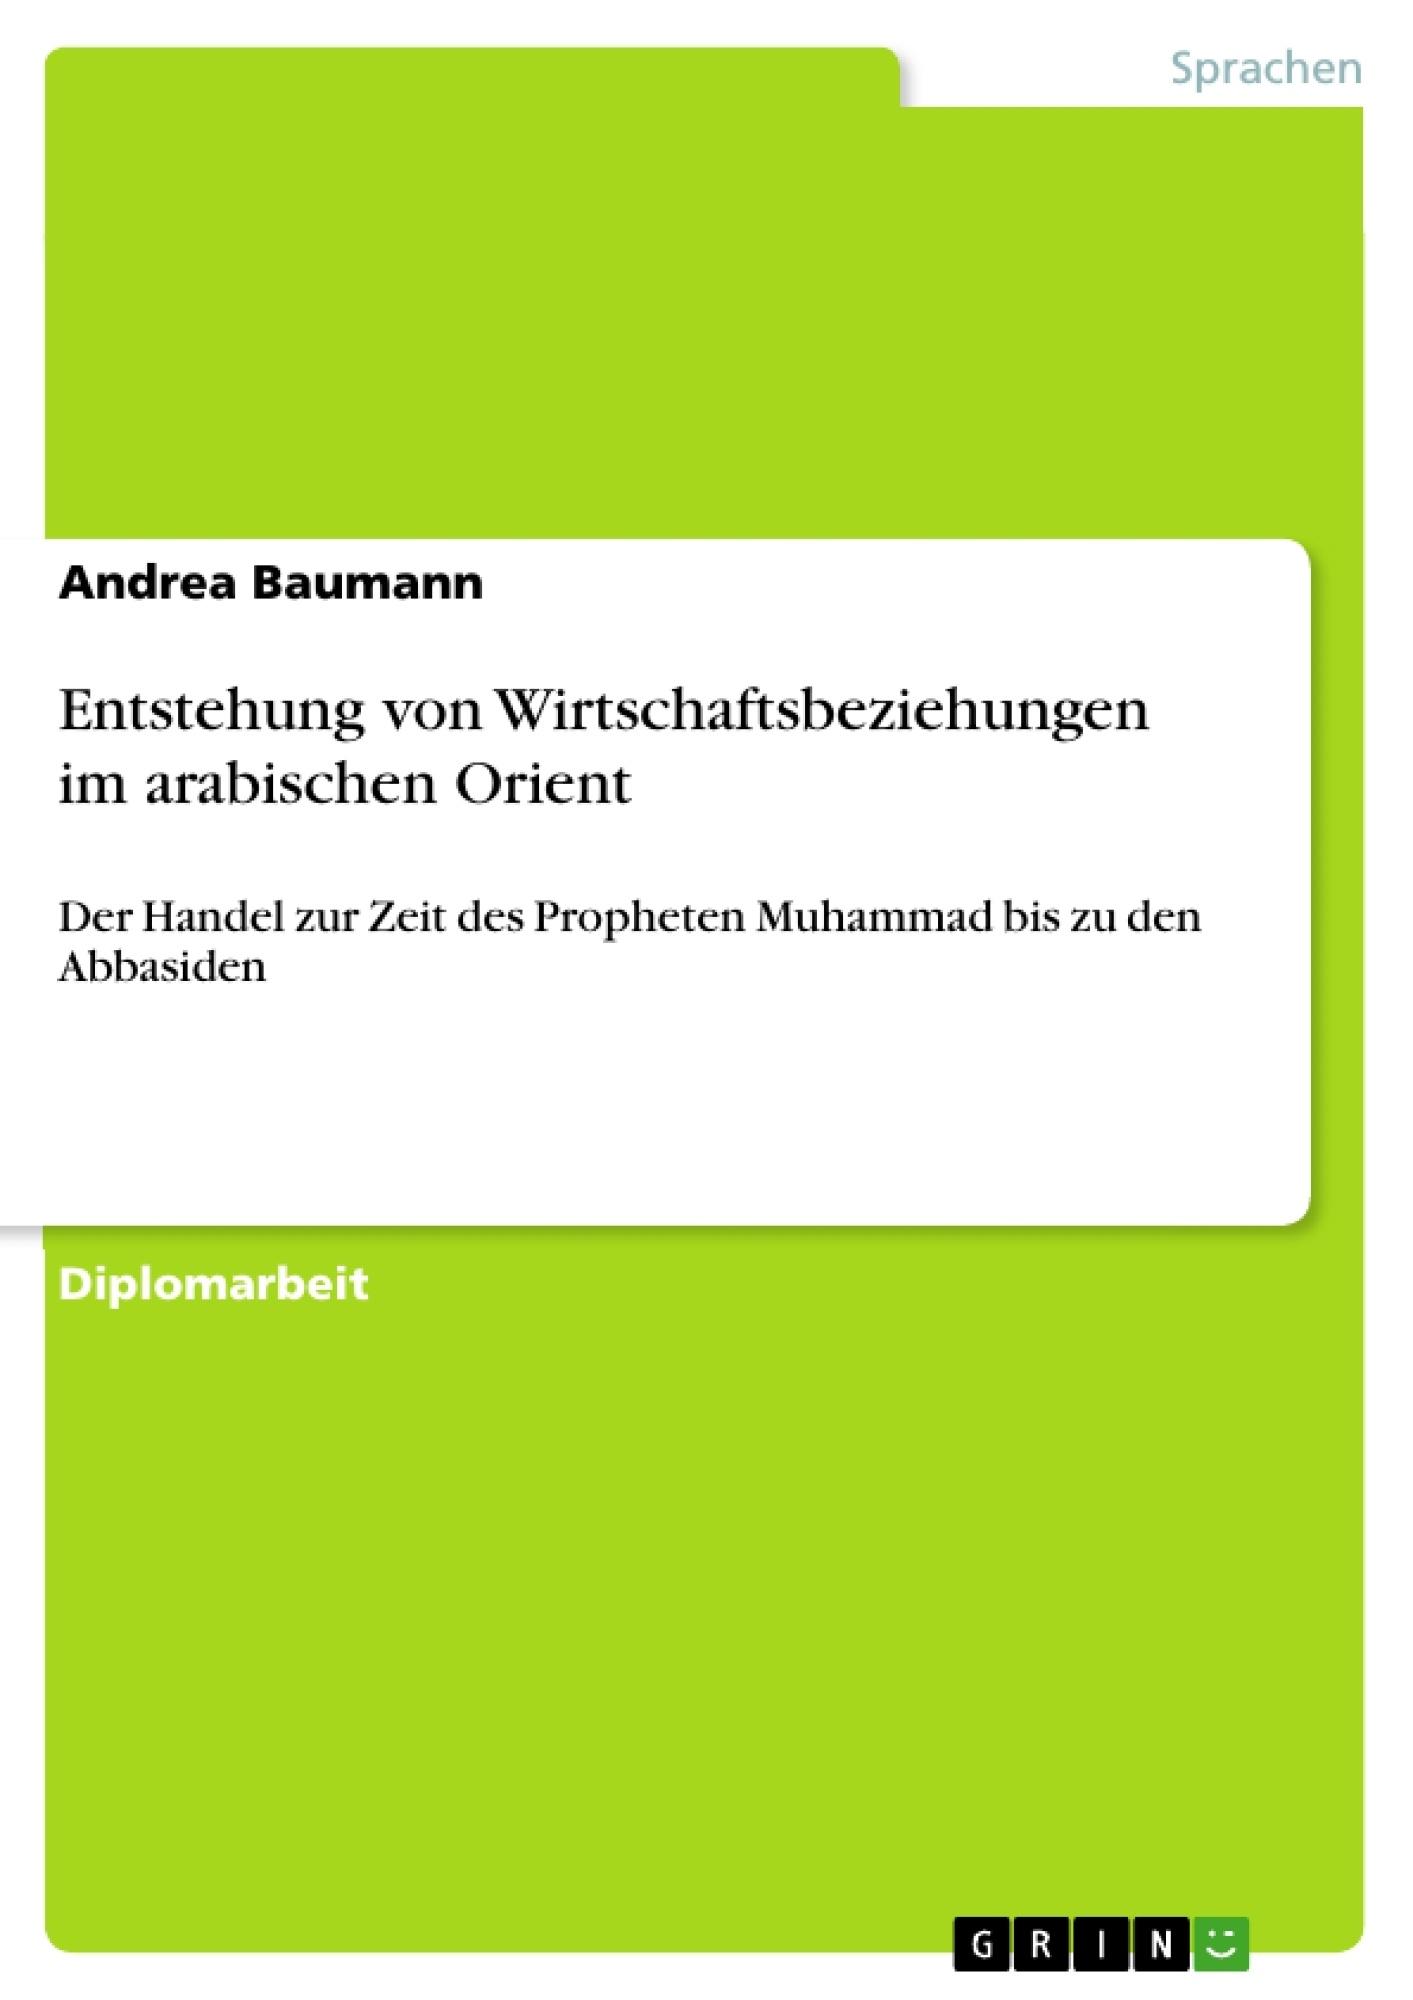 Titel: Entstehung von Wirtschaftsbeziehungen im arabischen Orient